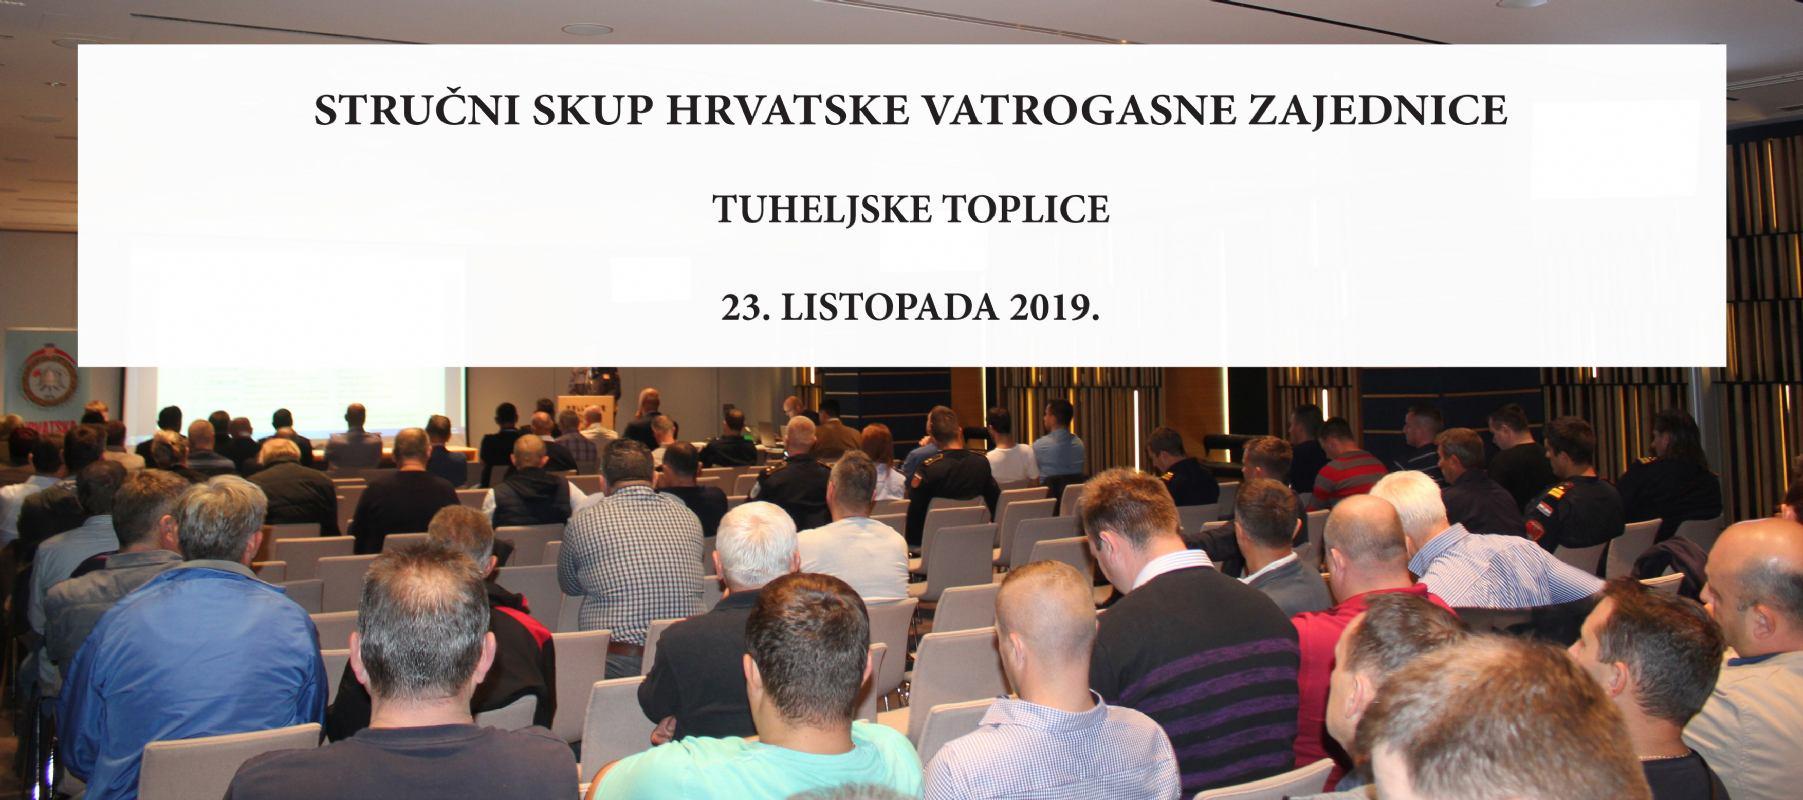 Hrvatska vatrogasna zajednica organizira 10. stručni skup vatrogasaca